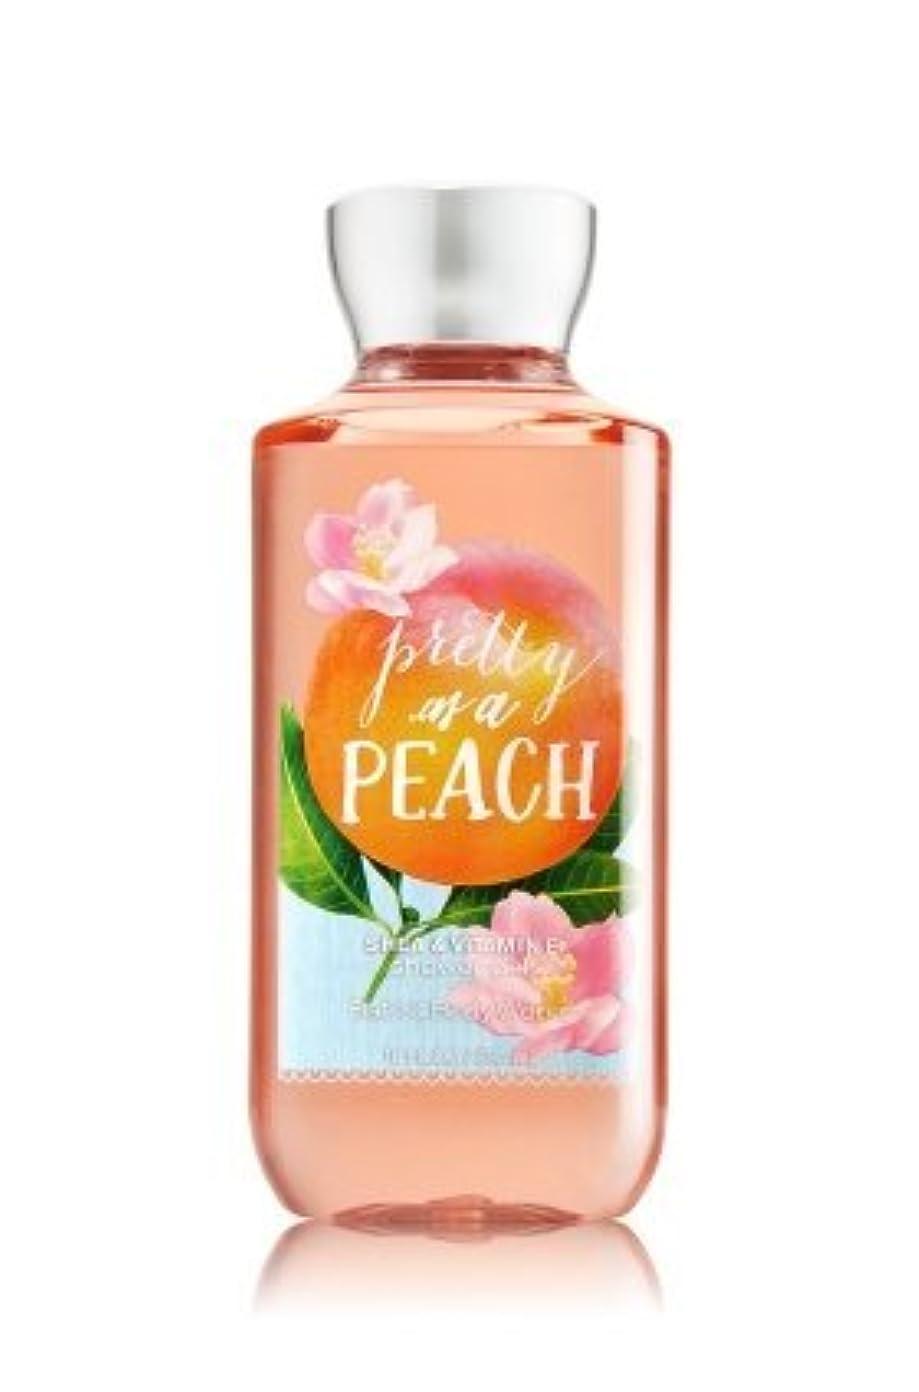 収縮暖炉今【Bath&Body Works/バス&ボディワークス】 シャワージェル プリティーアズアピーチ Shower Gel Pretty as a Peach 10 fl oz / 295 mL [並行輸入品]